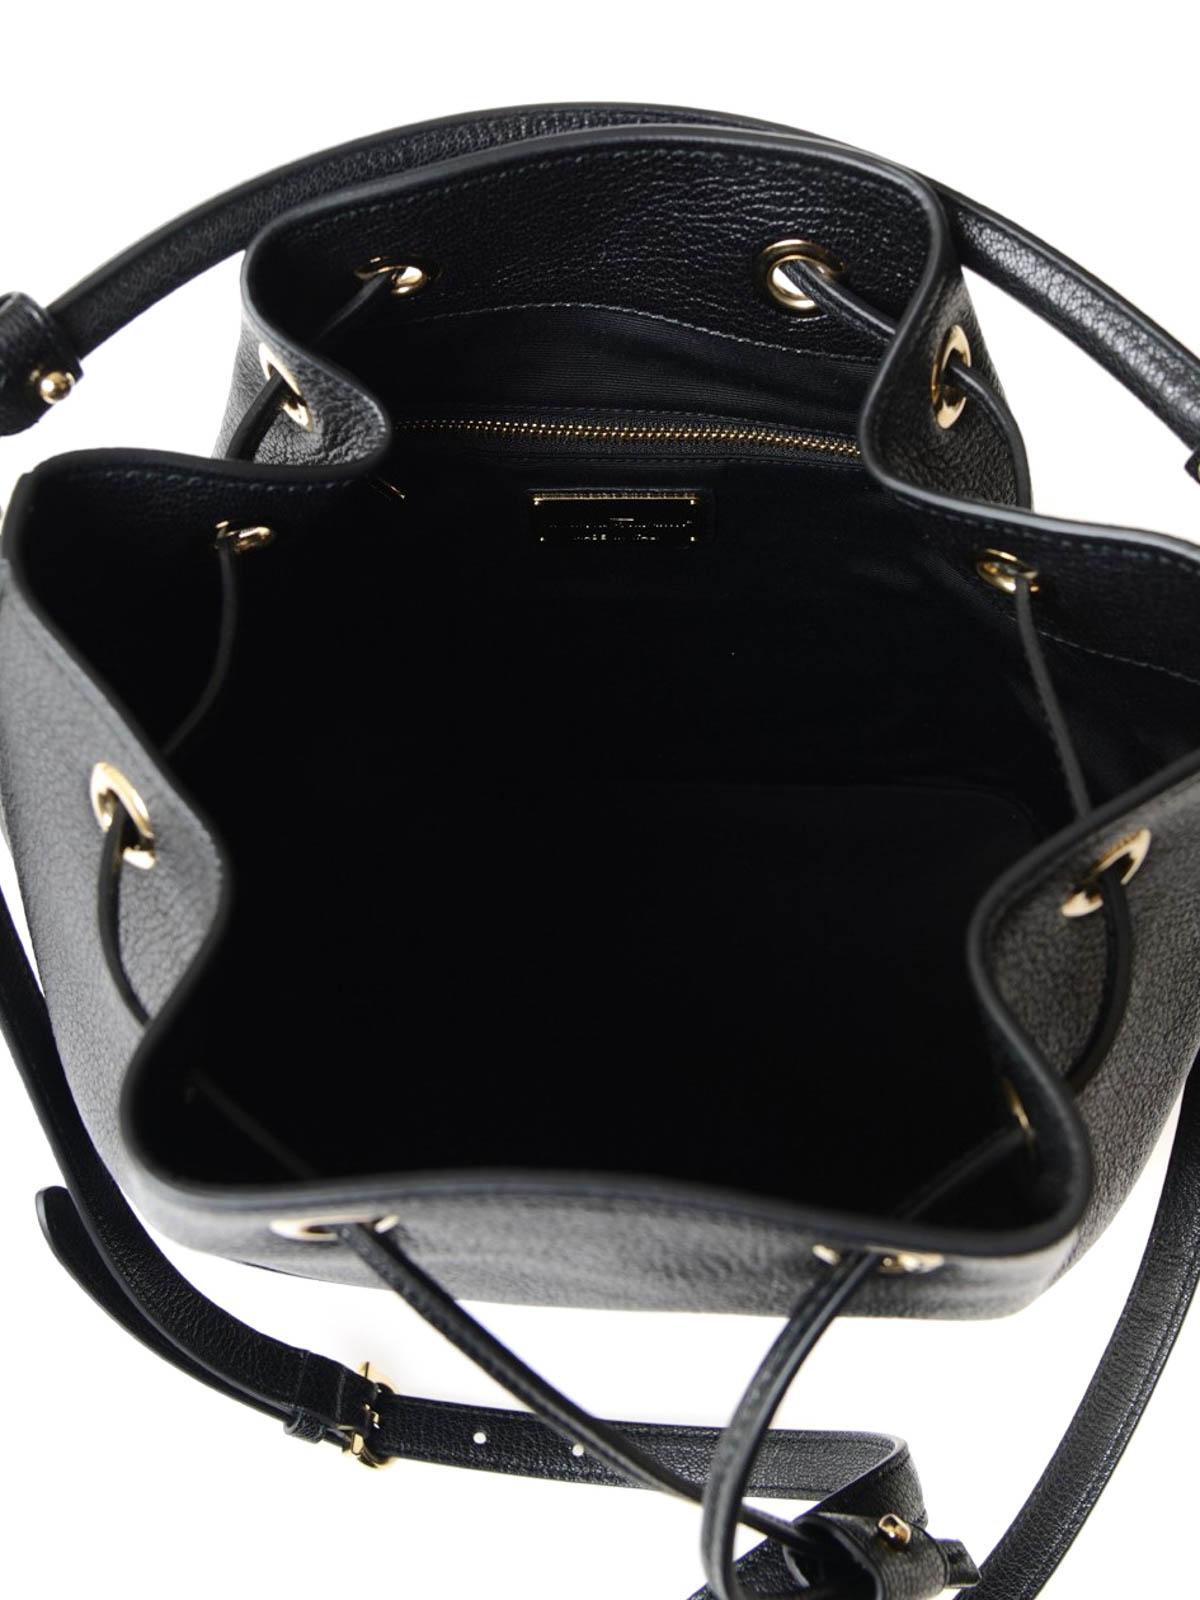 25899ac393fe Salvatore Ferragamo - Bucket-Bag Millie - Schwarz - Bucket-bags ...